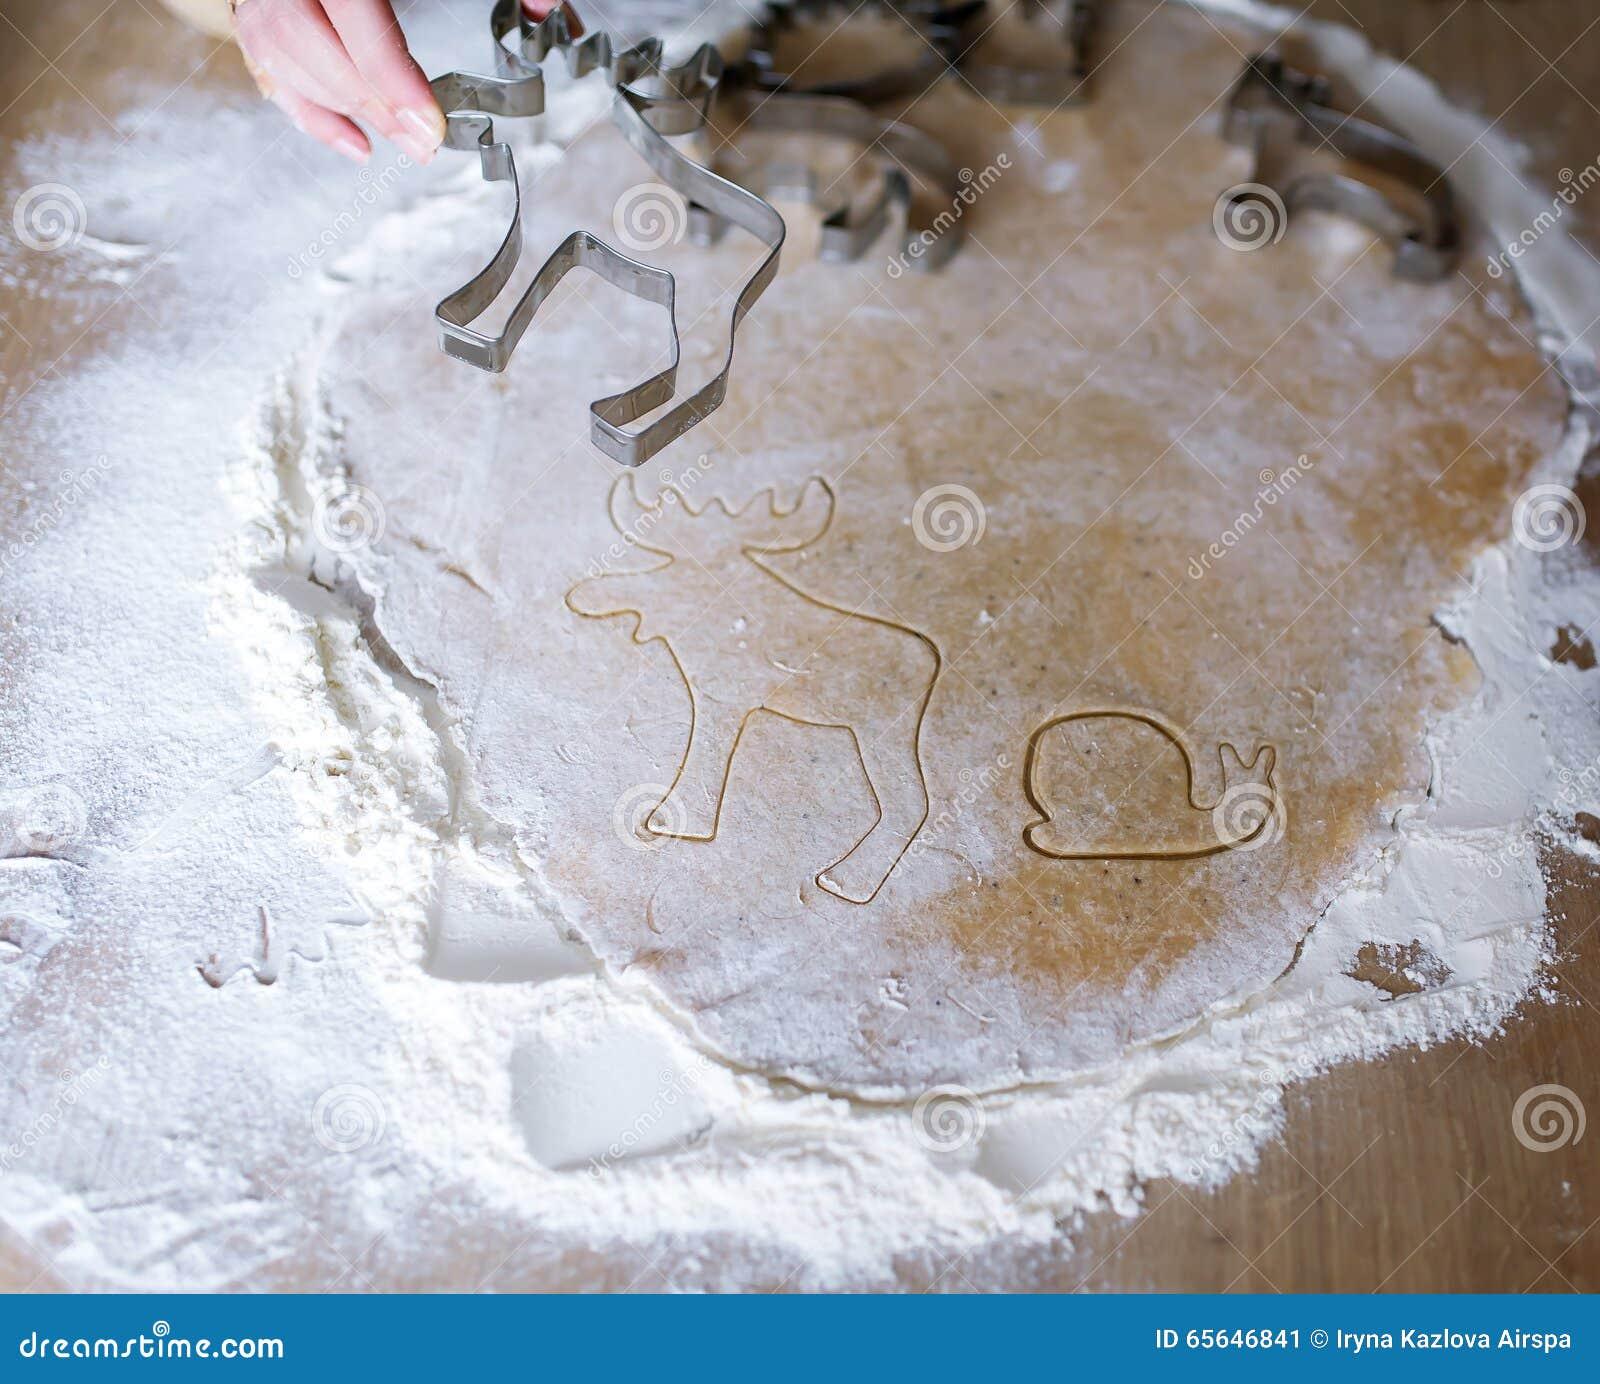 Pâte pour la cuisson des biscuits de gingembre